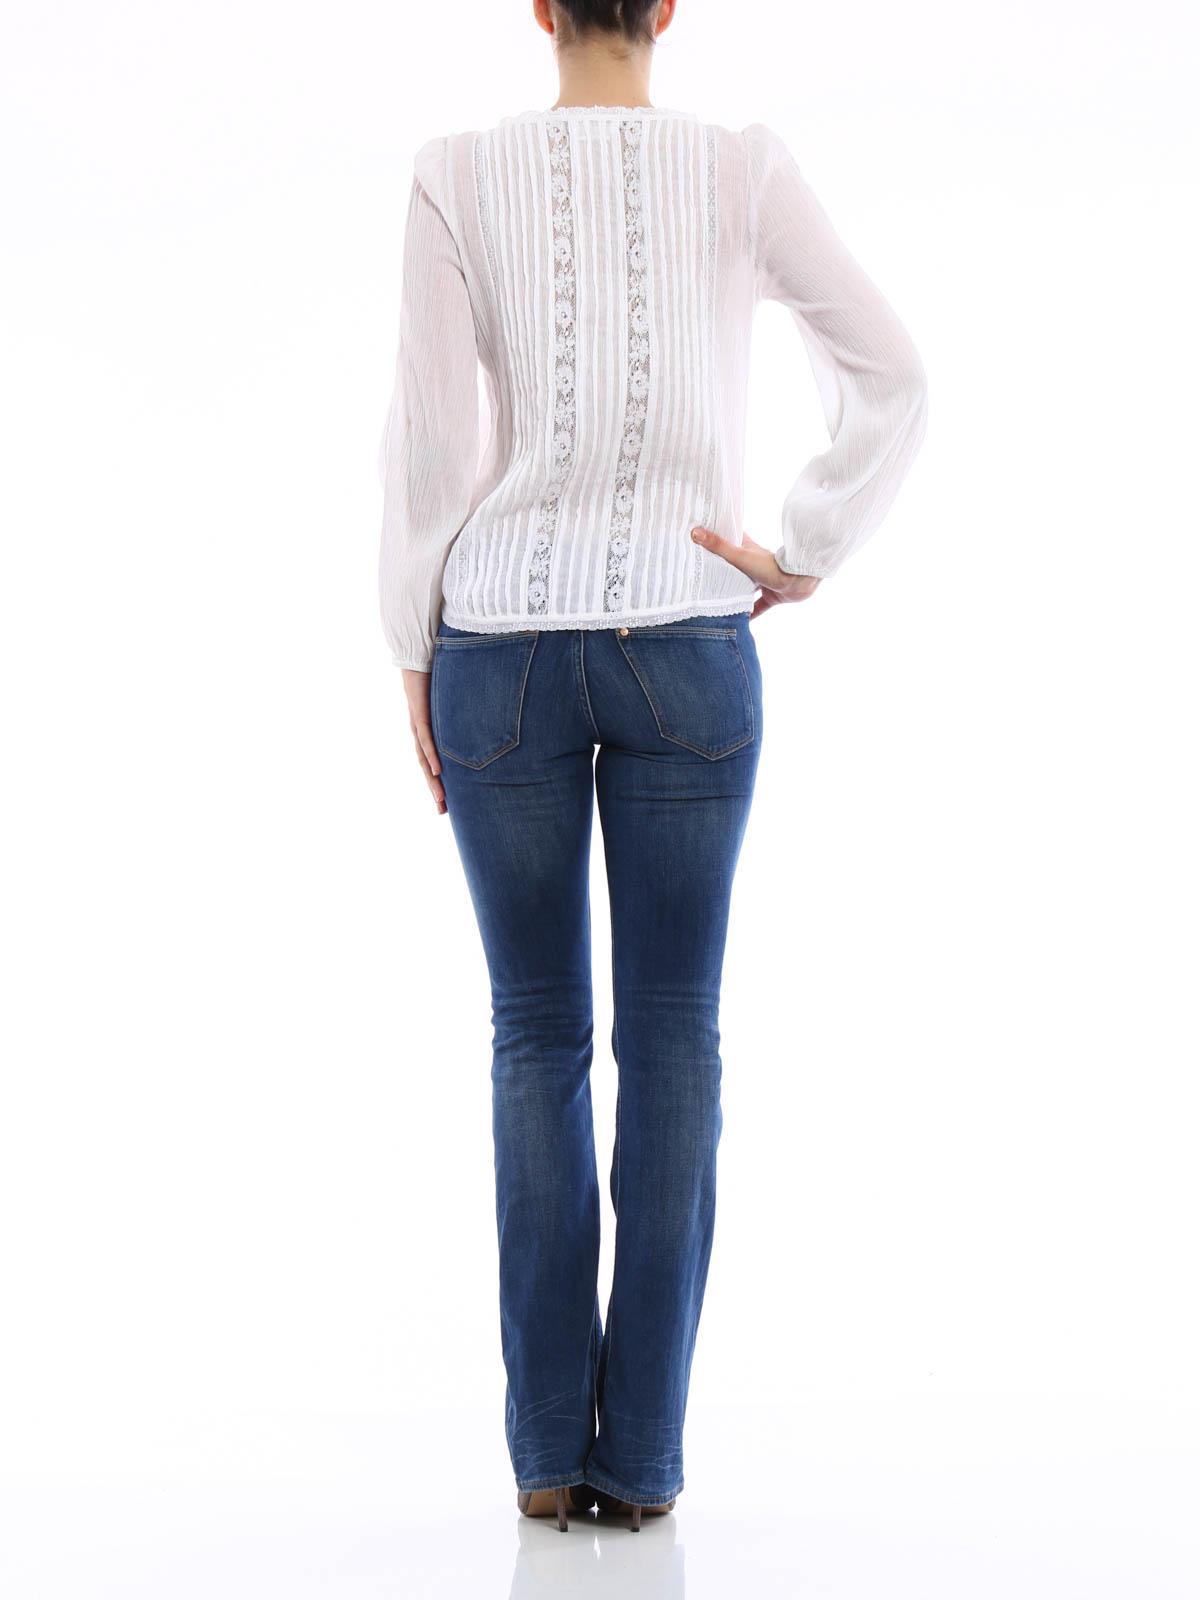 Mayra blouse shop online: isabel marant etoile